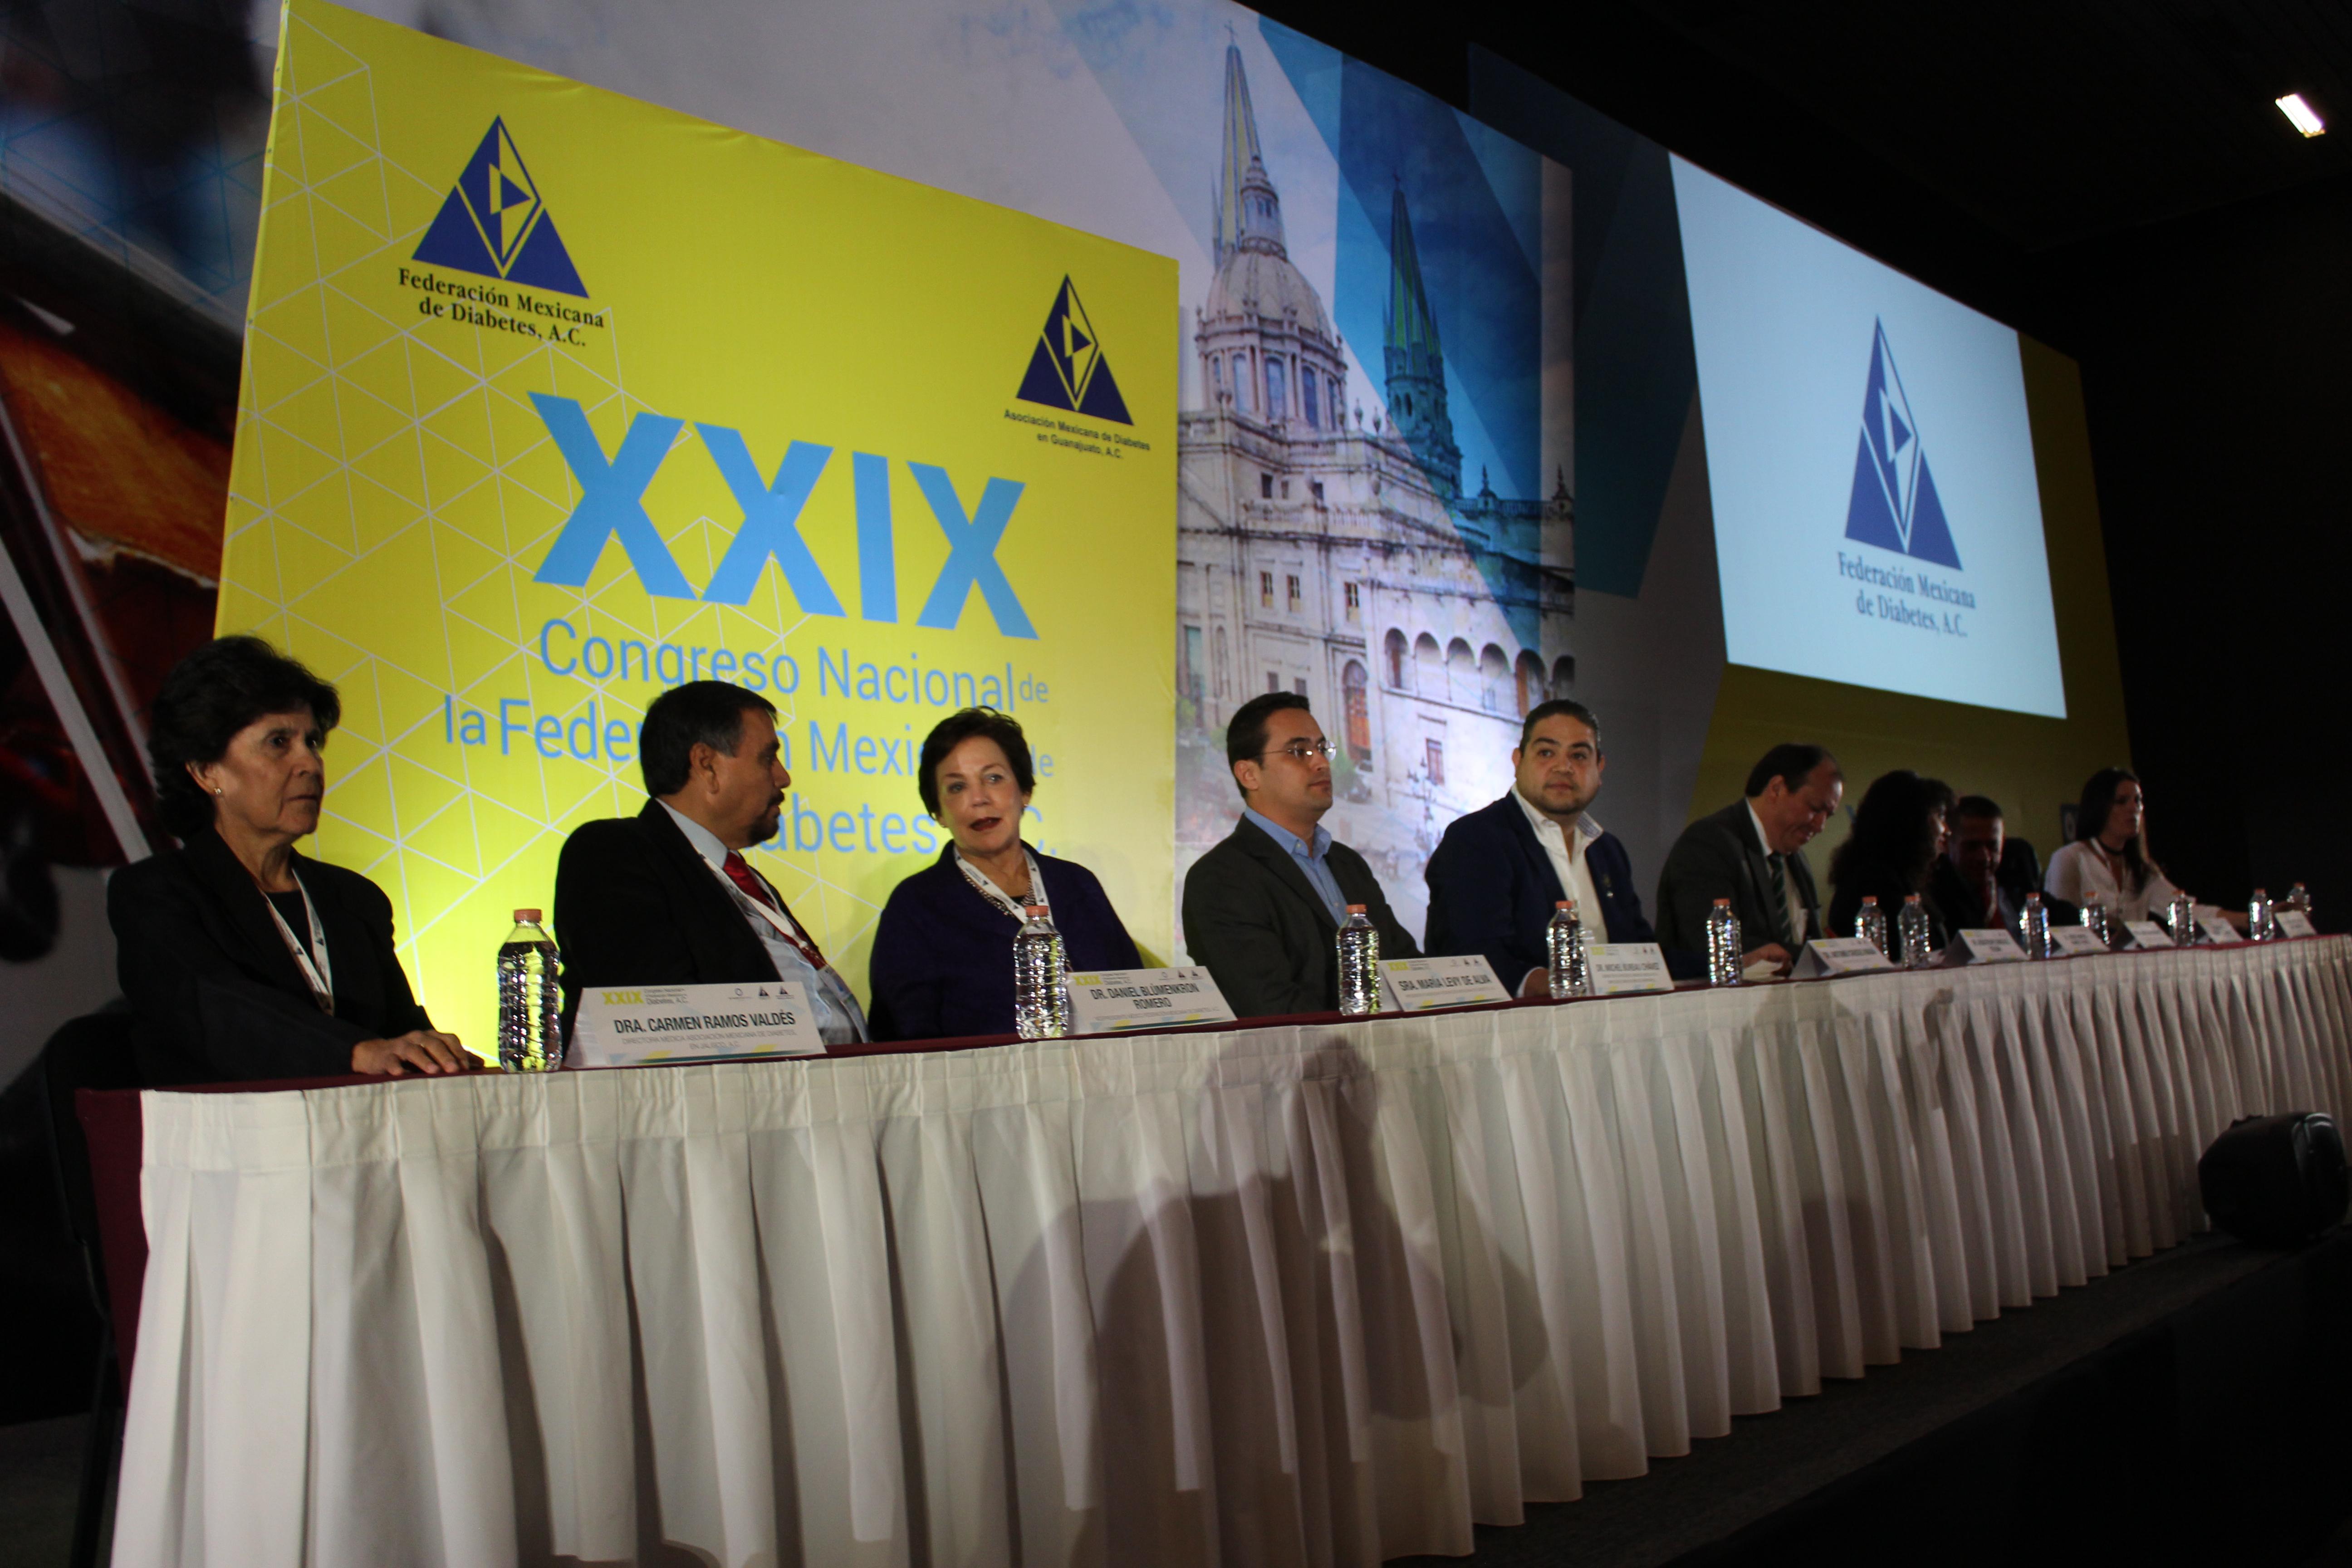 Arranca en Guadalajara el XXIX Congreso Nacional de la Federación Mexicana de Diabetes, A.C.